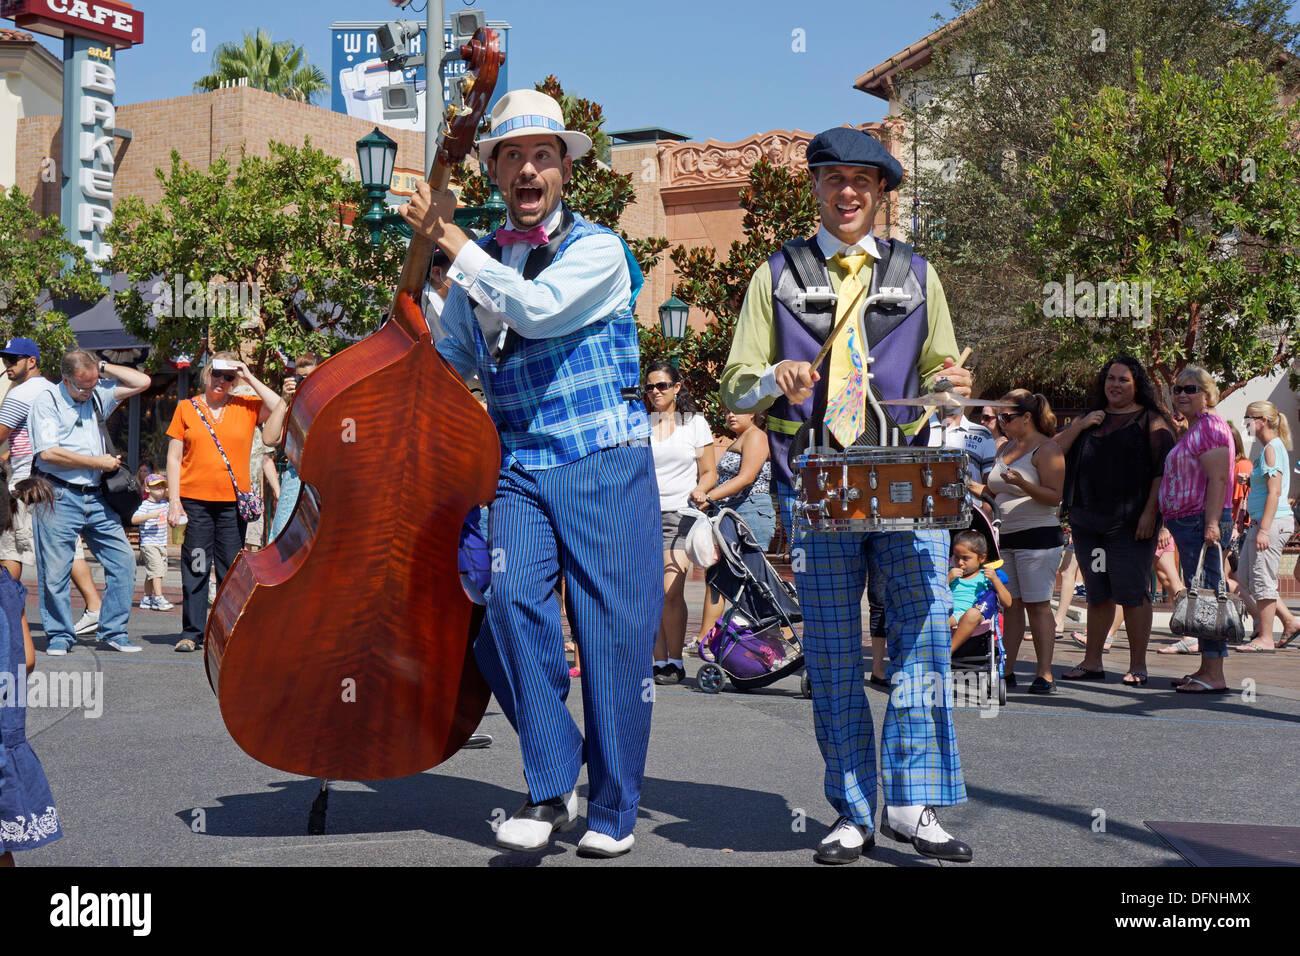 Vivir el entretenimiento al aire libre, Show de cinco y diez centavos, Disneyland, California Adventure Park, Anaheim Imagen De Stock